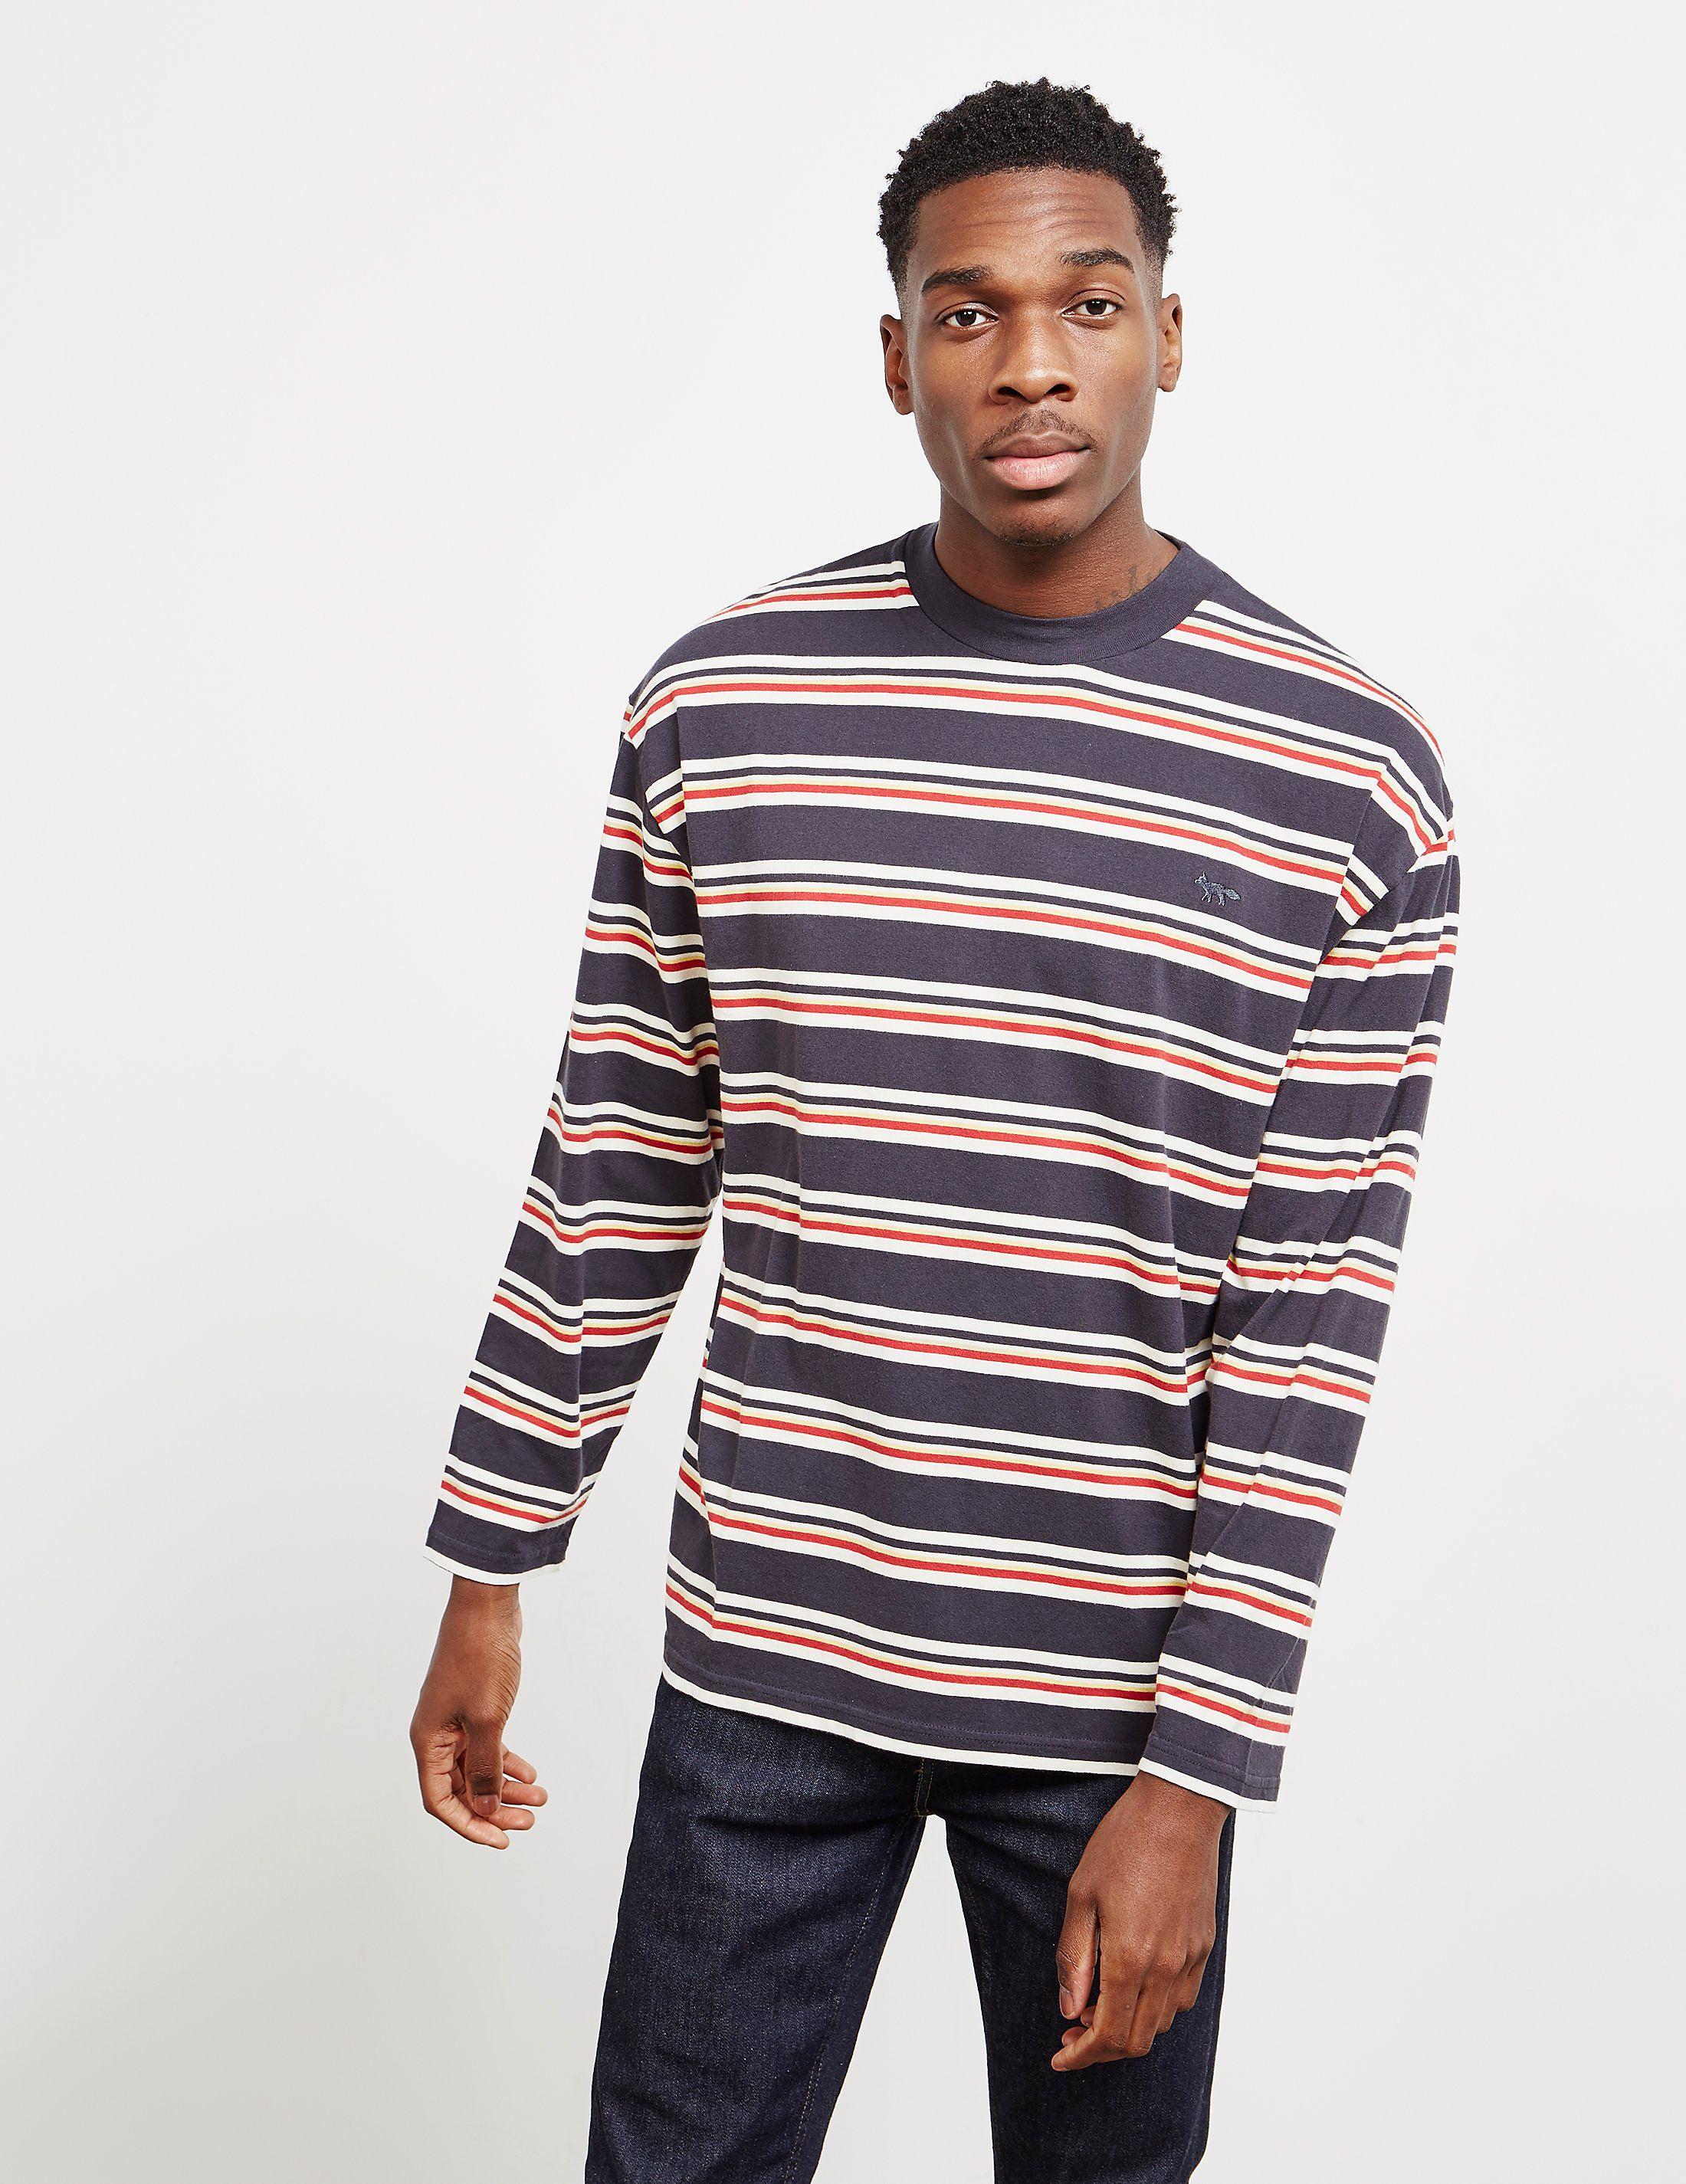 634d5e528d1879 Maison Kitsune Striped Long Sleeve T-Shirt